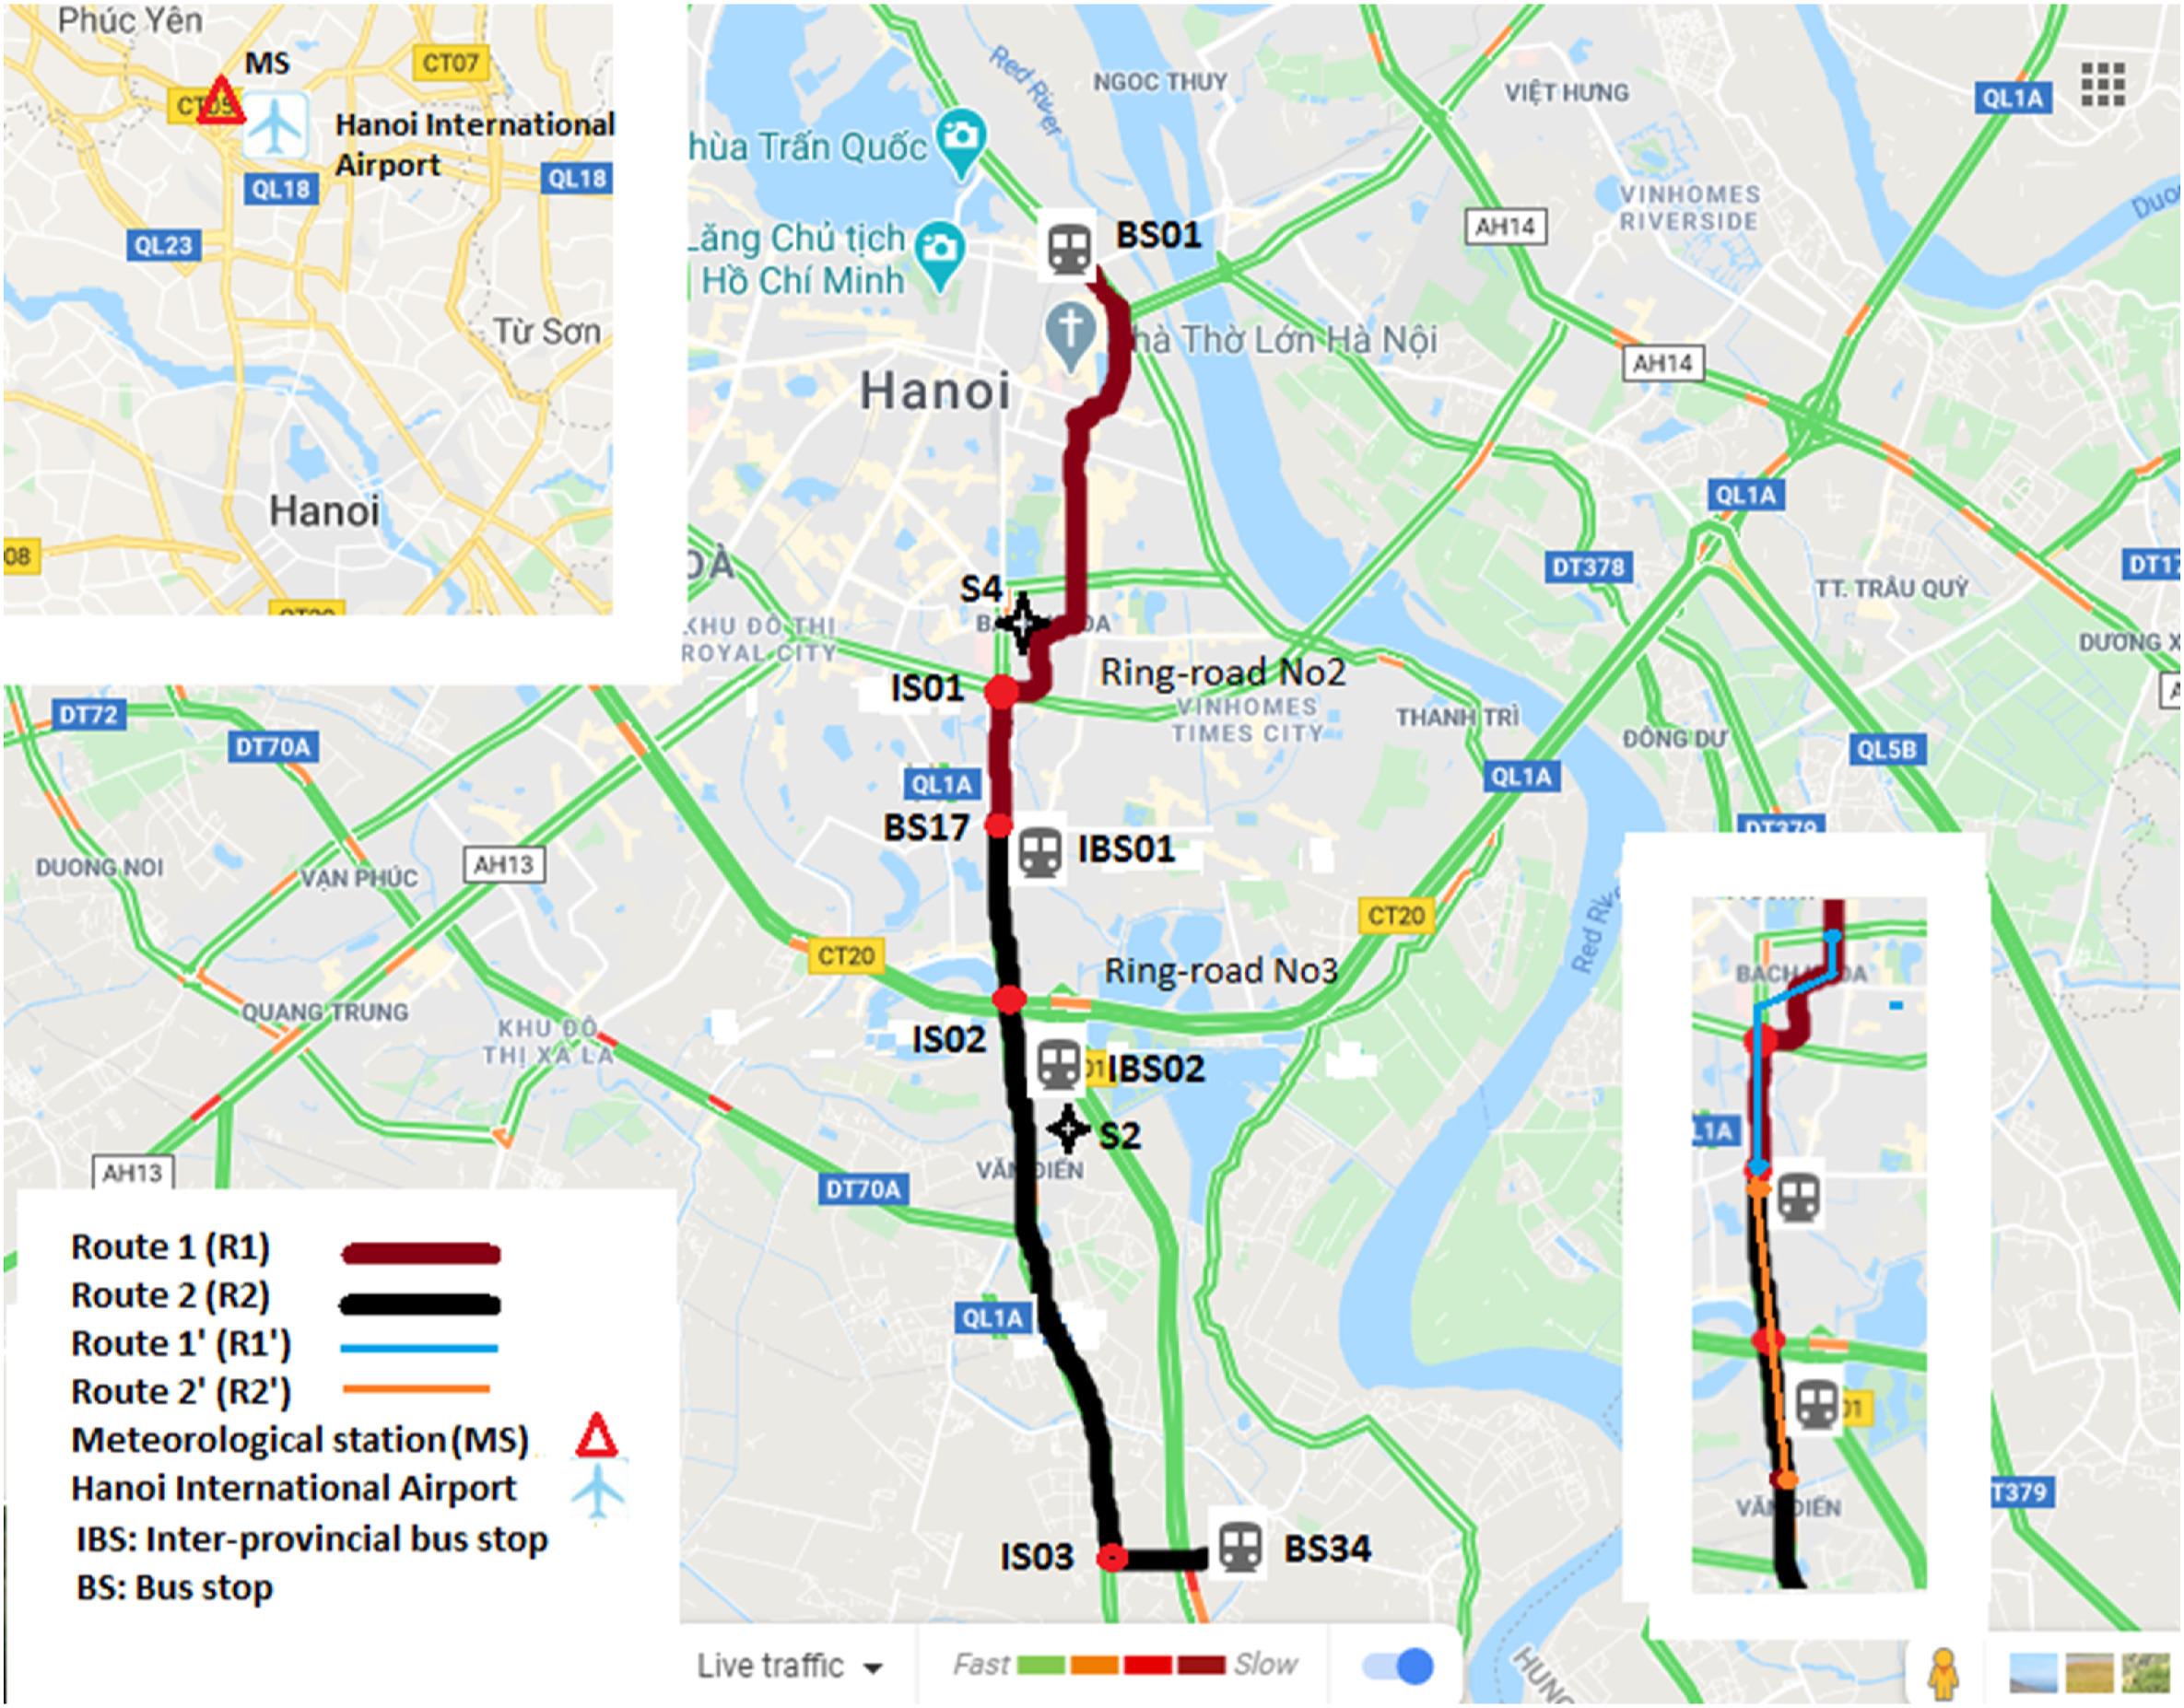 Nghiên cứu: Người đi xe máy ở Hà Nội đang bị phơi nhiễm carbon đen gấp 3 lần người đi xe bus 5